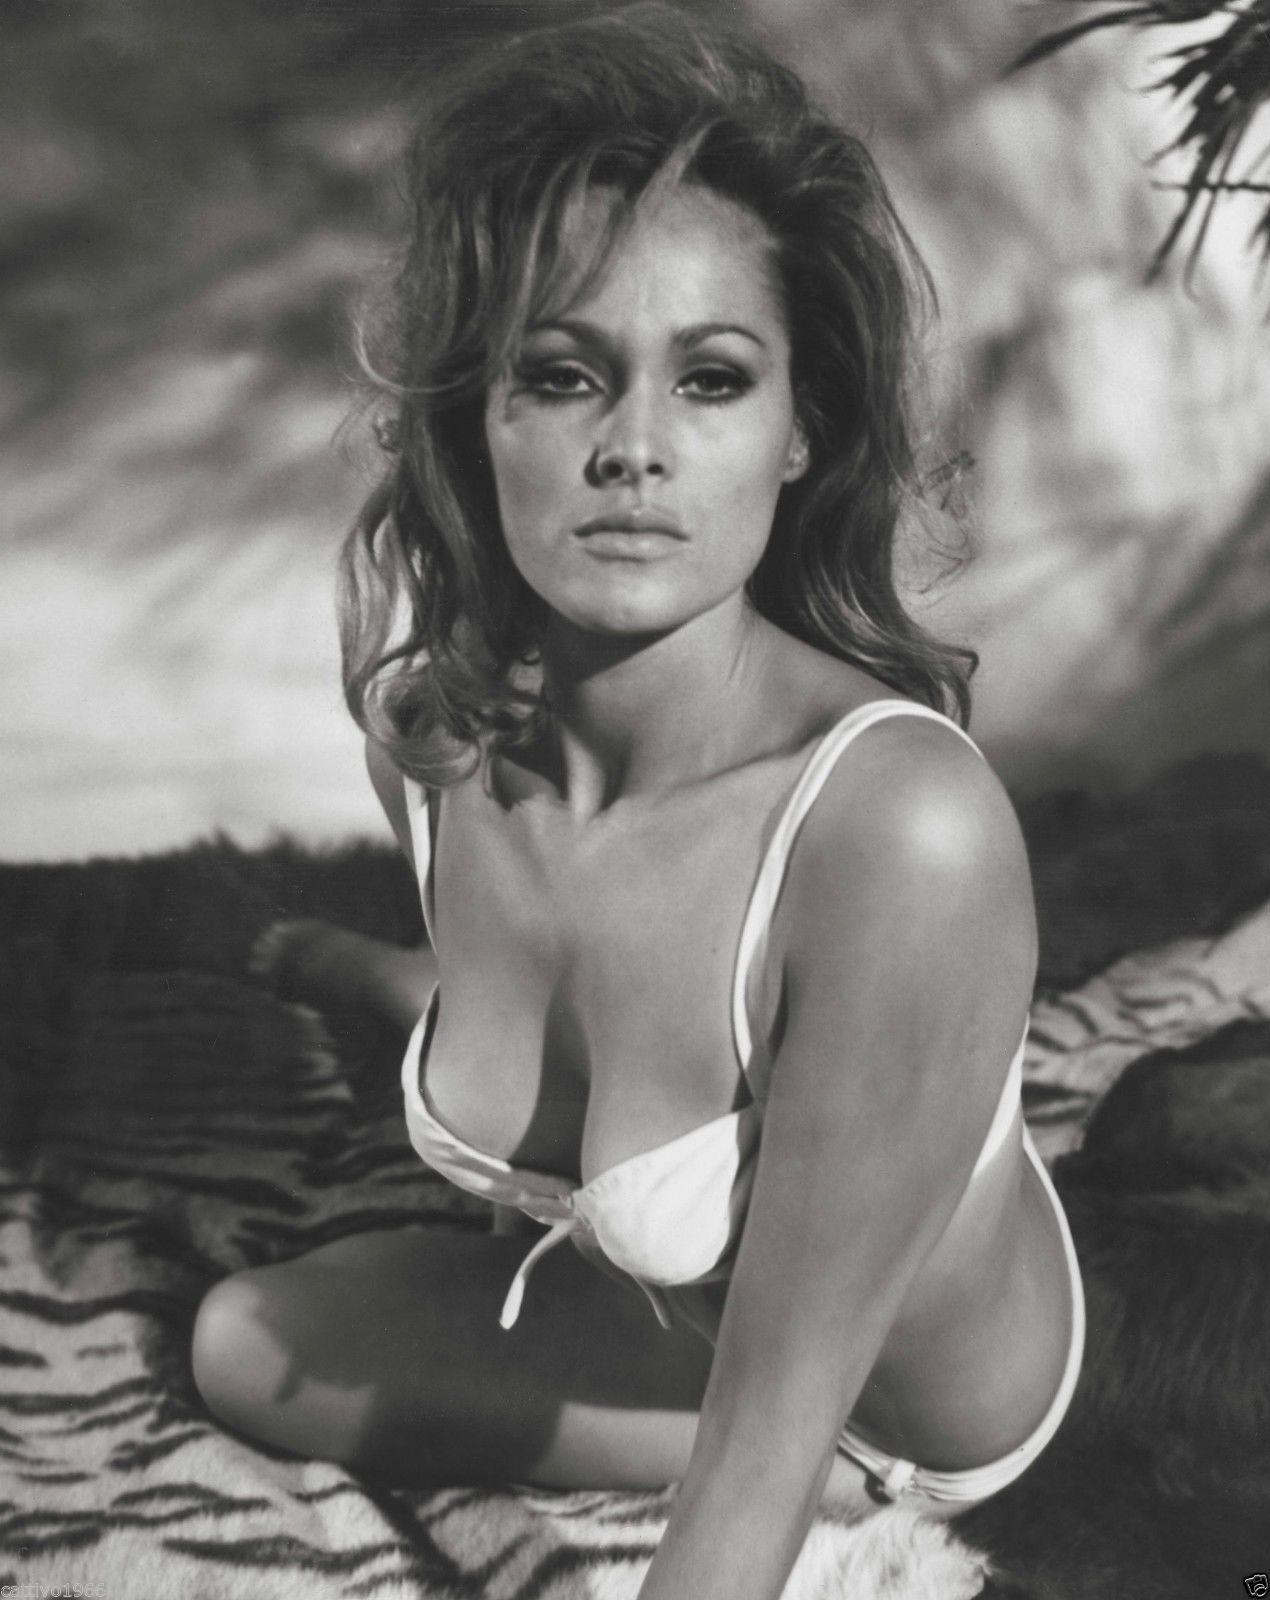 Selfie Alena Blohm naked (13 pics), Pussy